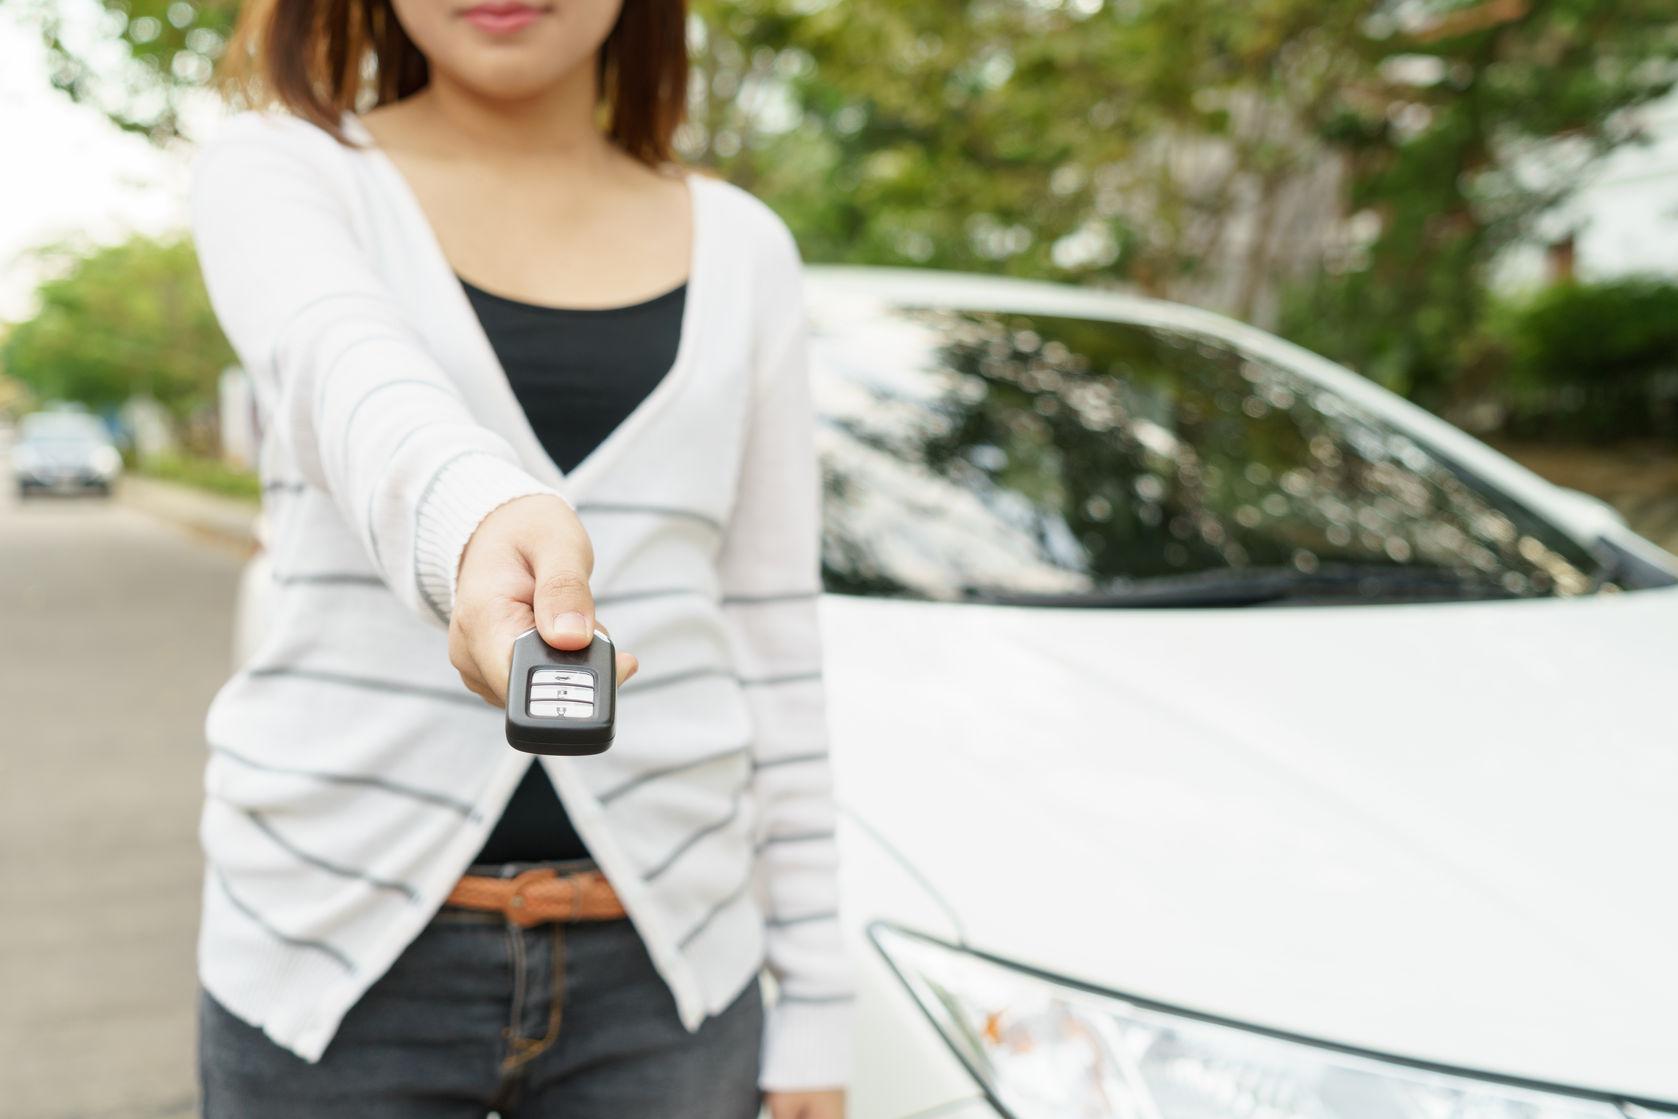 lending car key